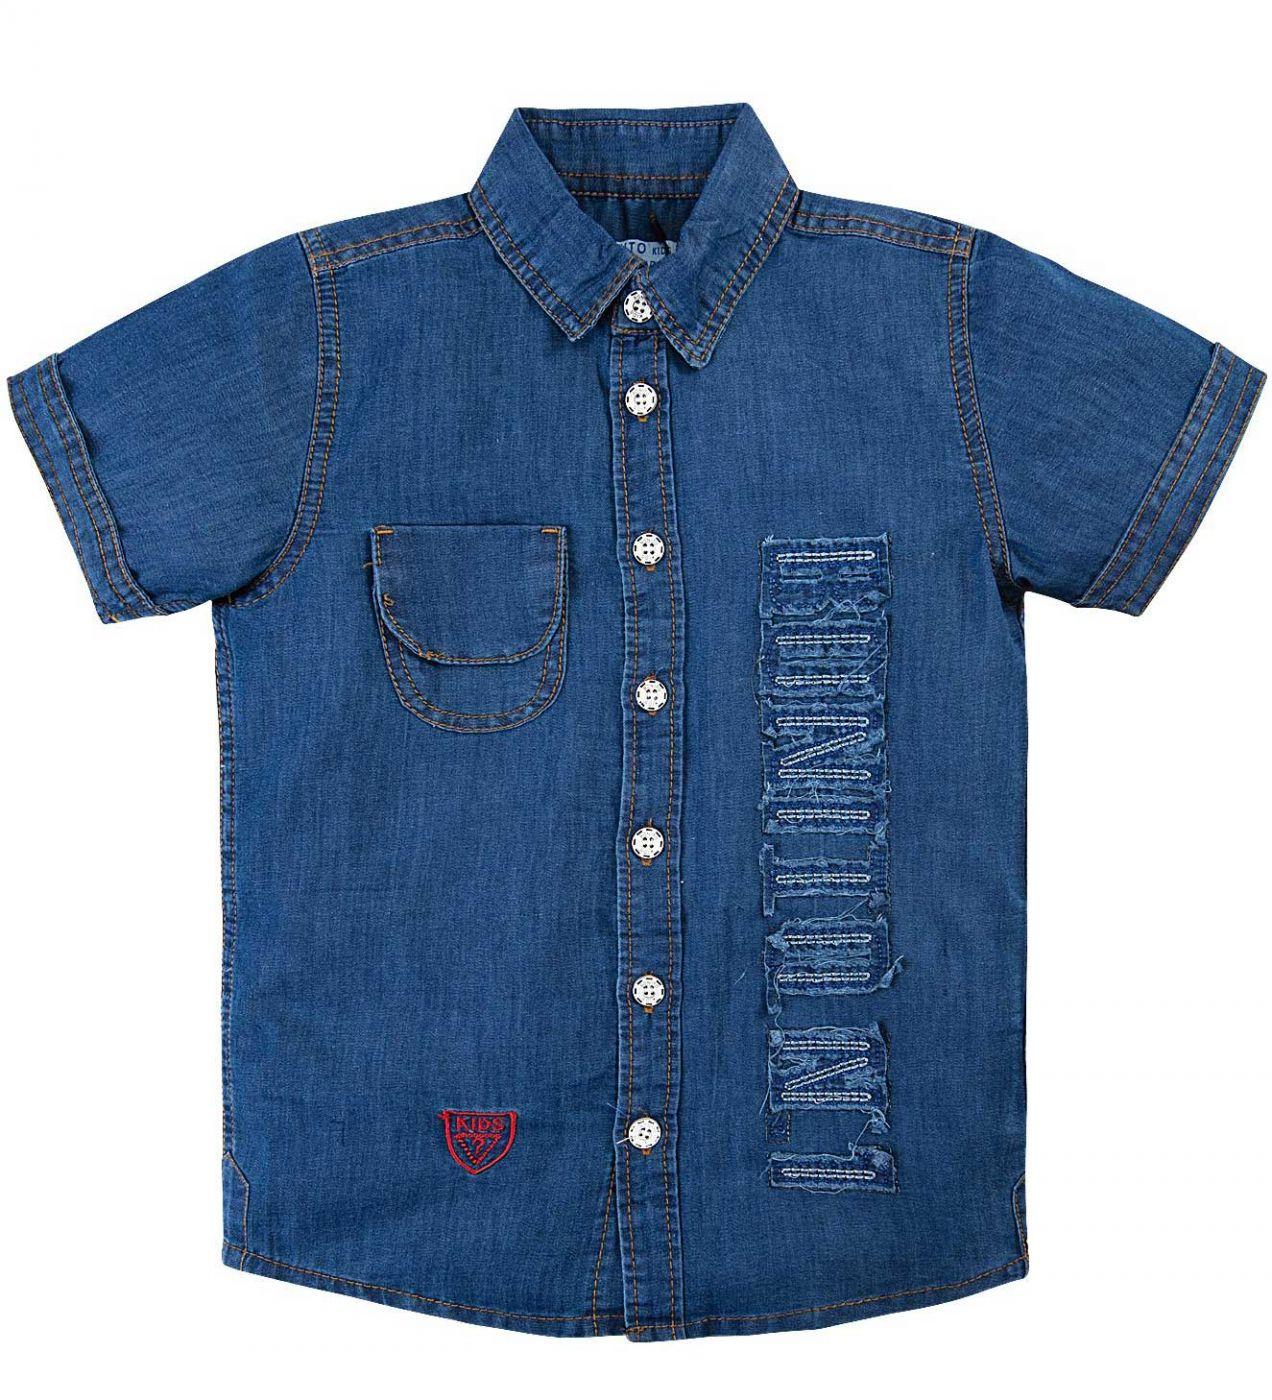 Джинсовая рубашка для мальчика Bonito Jeans синий